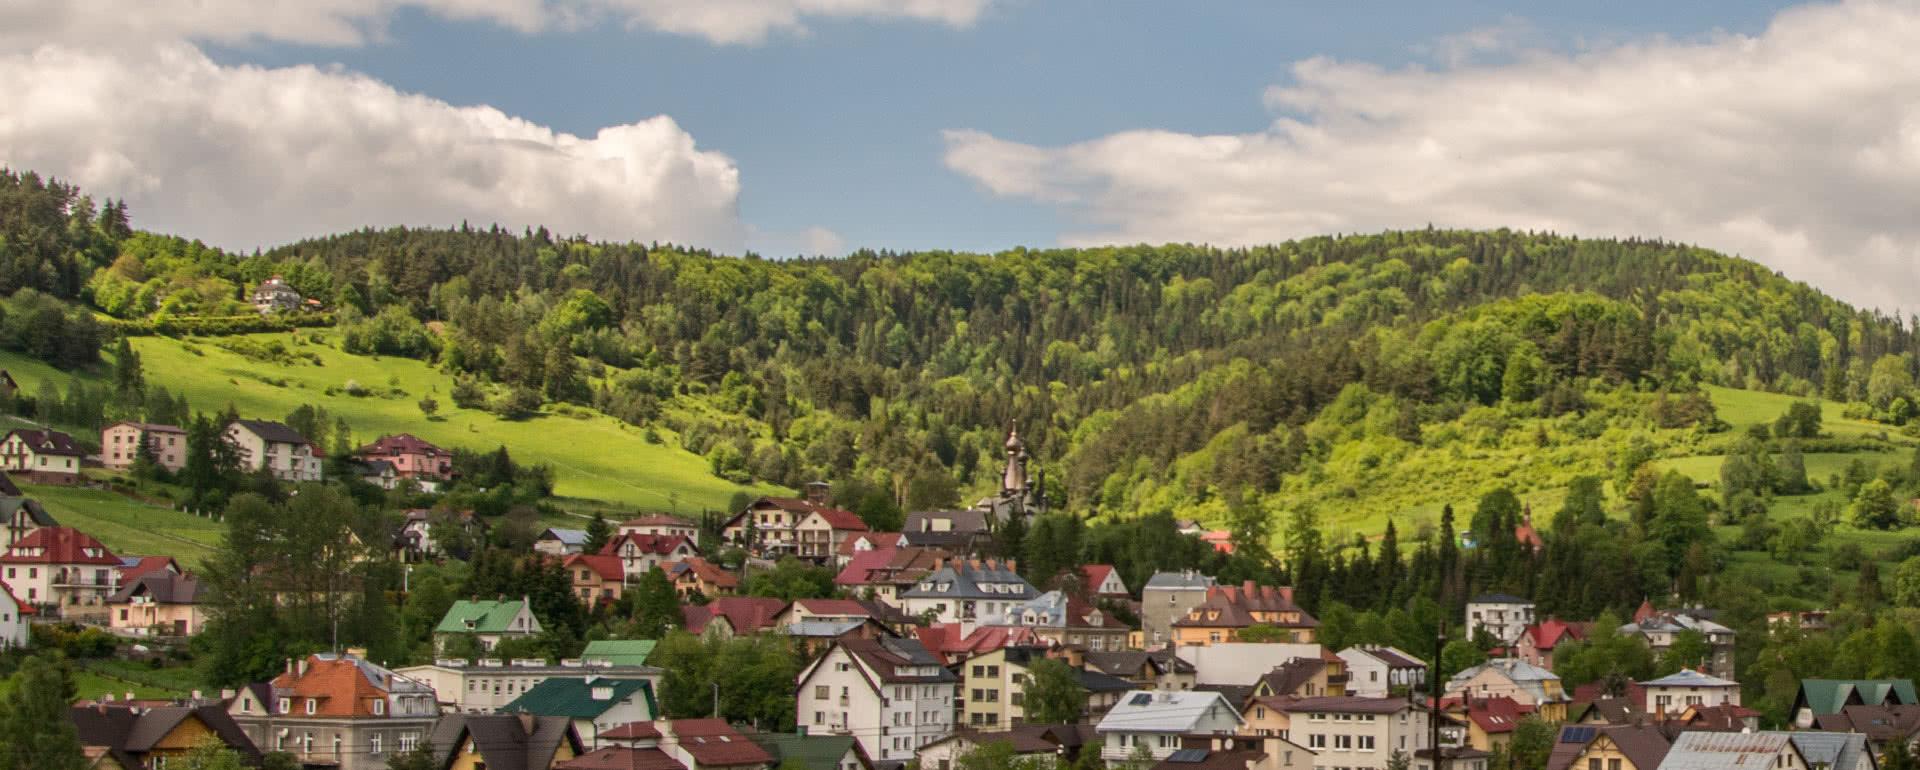 Titelbild von Krynica-Zdrój